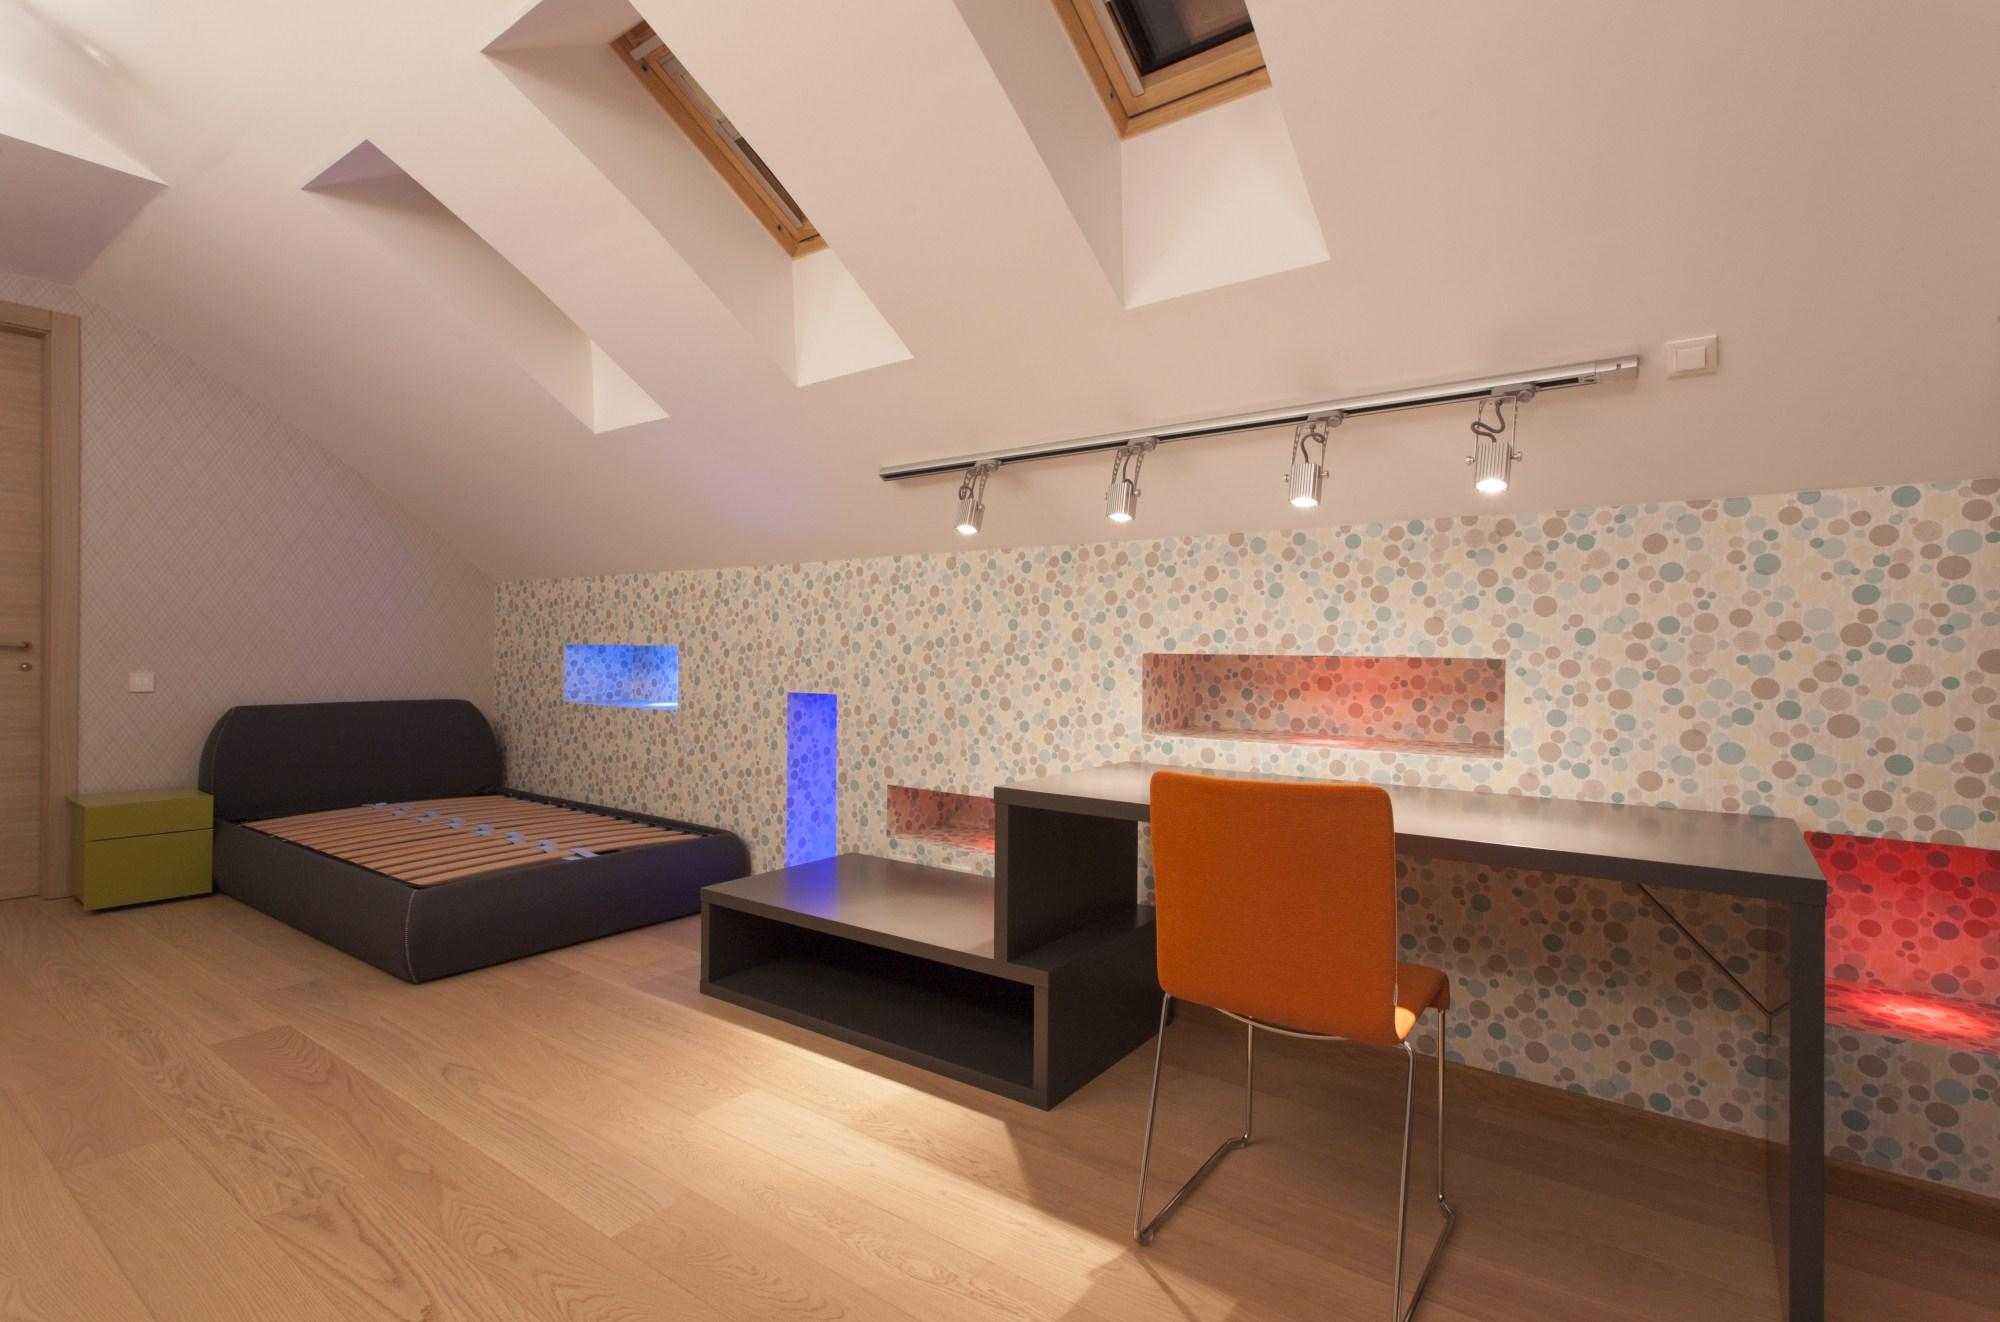 https://nbc-arhitect.ro/wp-content/uploads/2020/10/NBC-Arhitect-_-Petofi-Sandor-_-Housing-_-interior-design_10.jpg